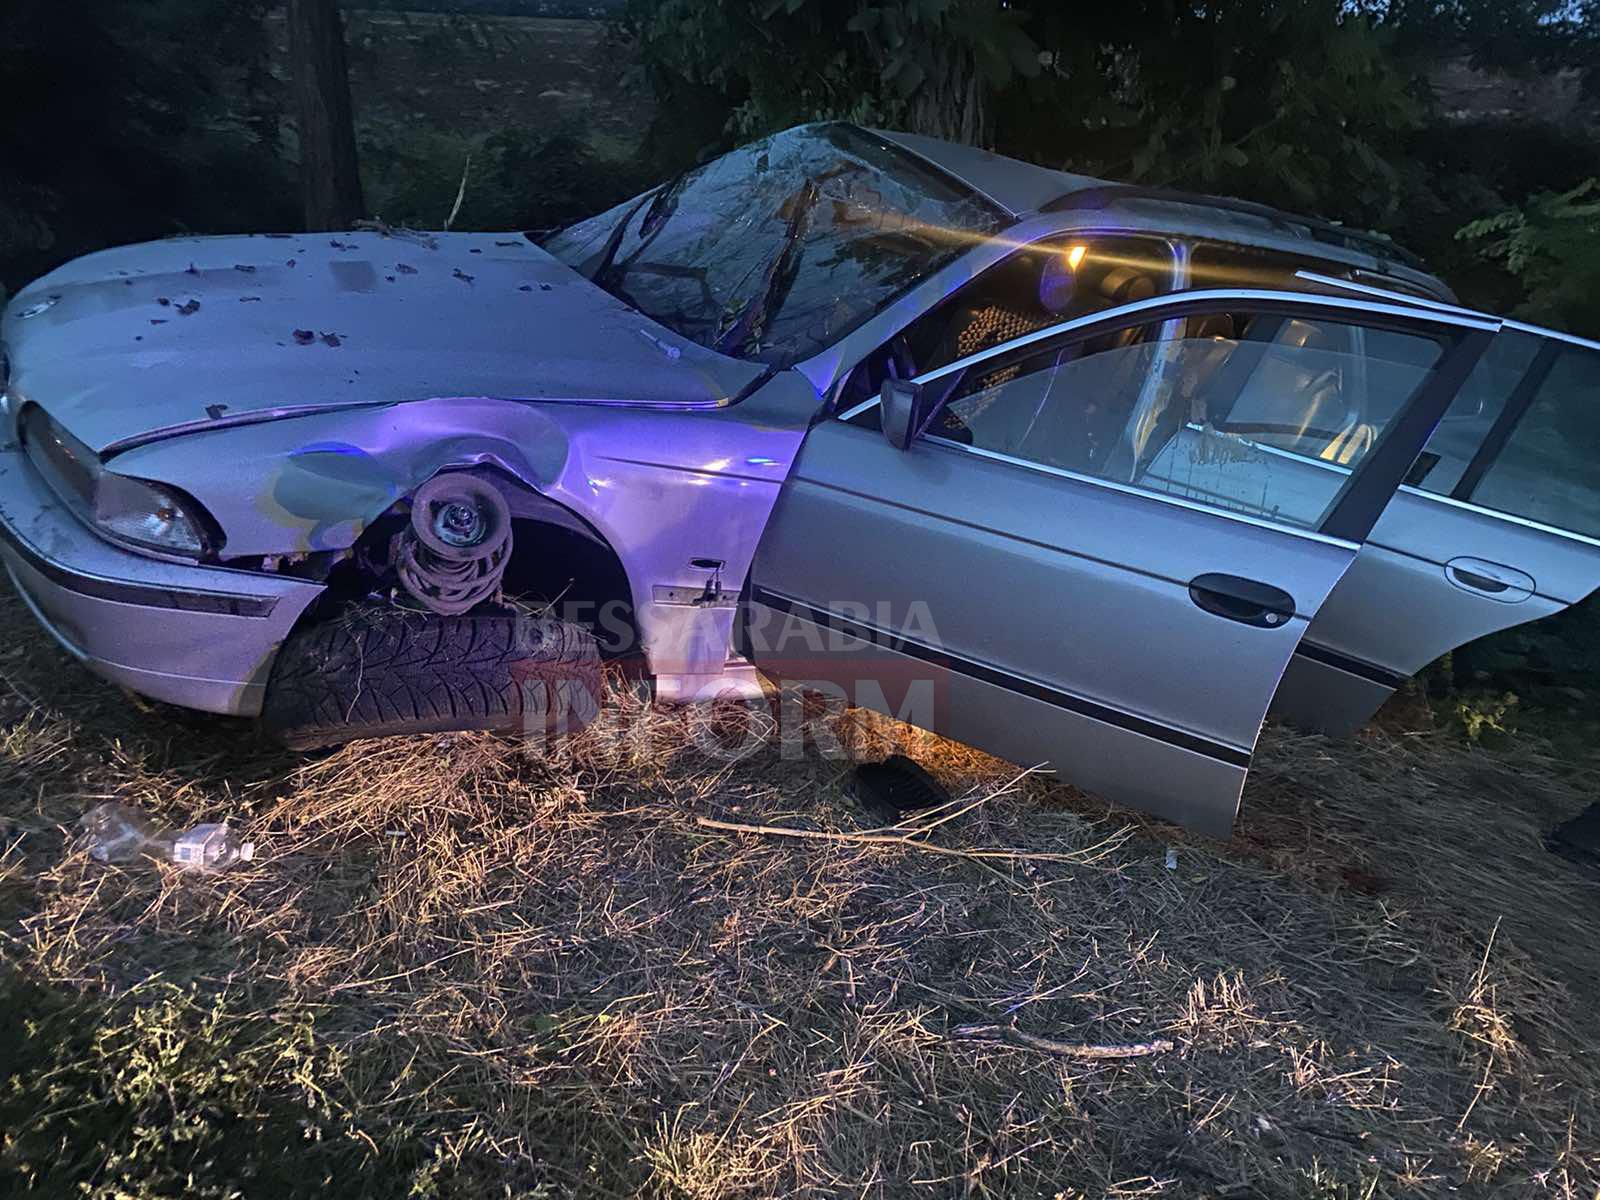 На трассе Одесса-Рени BMW влетело в дерево: водитель погиб, пассажира в тяжелом состоянии забрала скорая